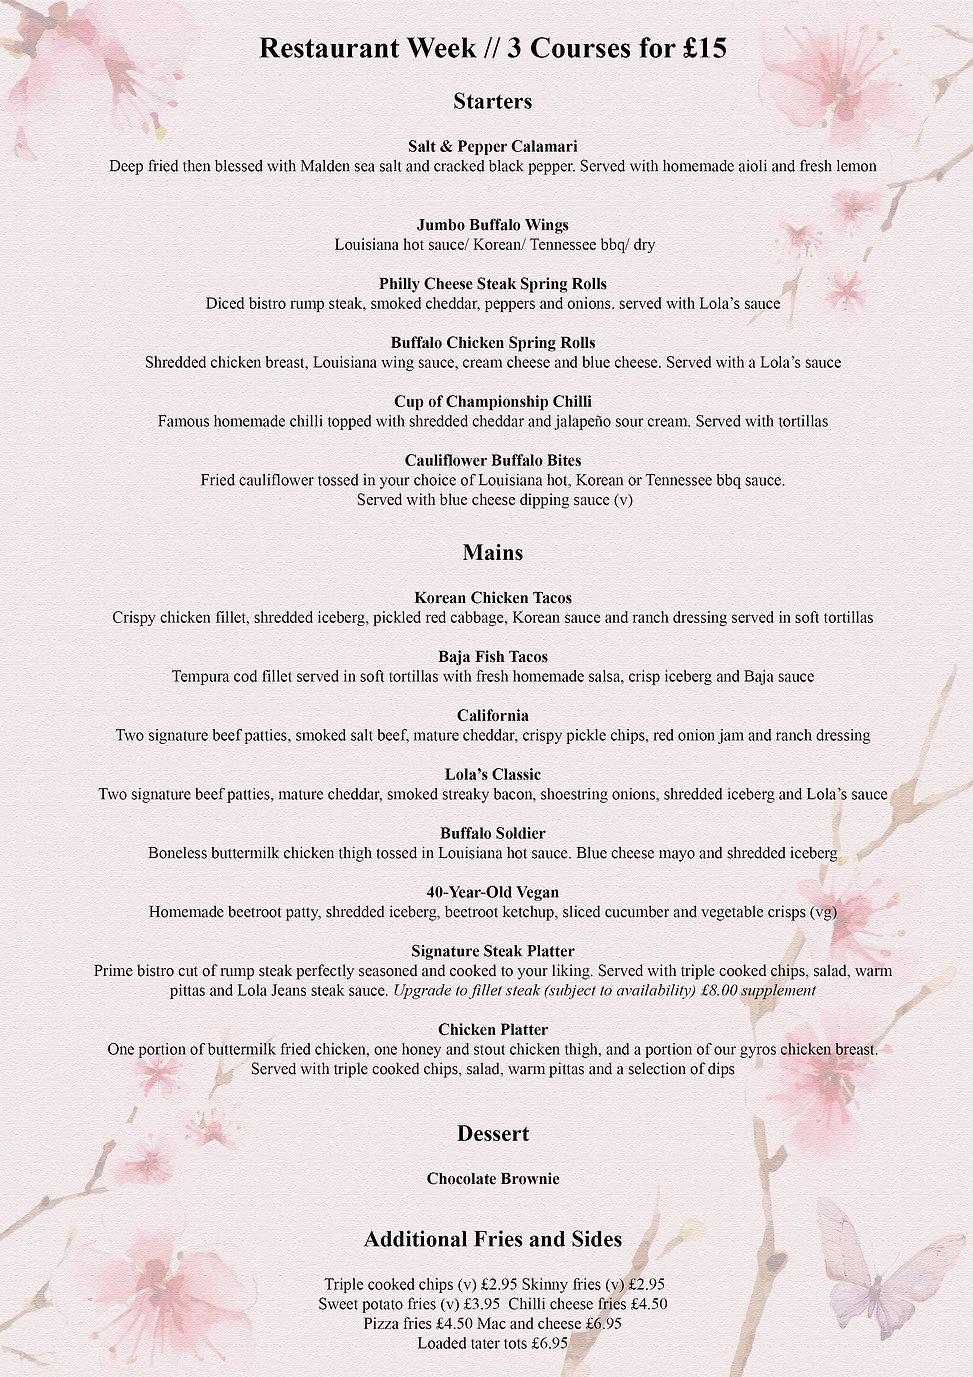 Restaurant_Week_3_Courses_for_£15.jpg